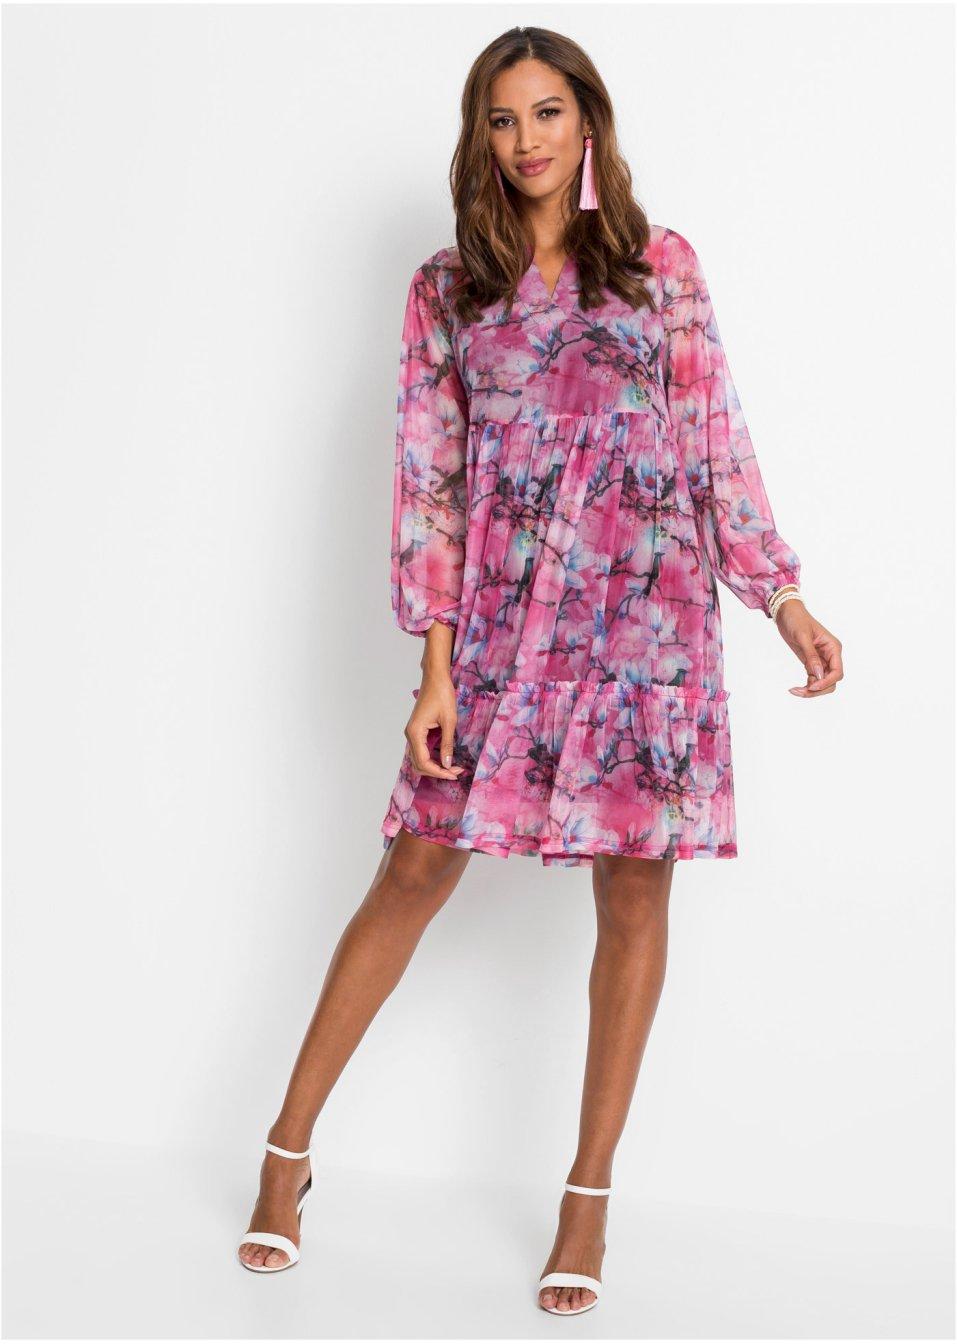 kleid mit print pink/schwarz geblümt - bodyflirt boutique